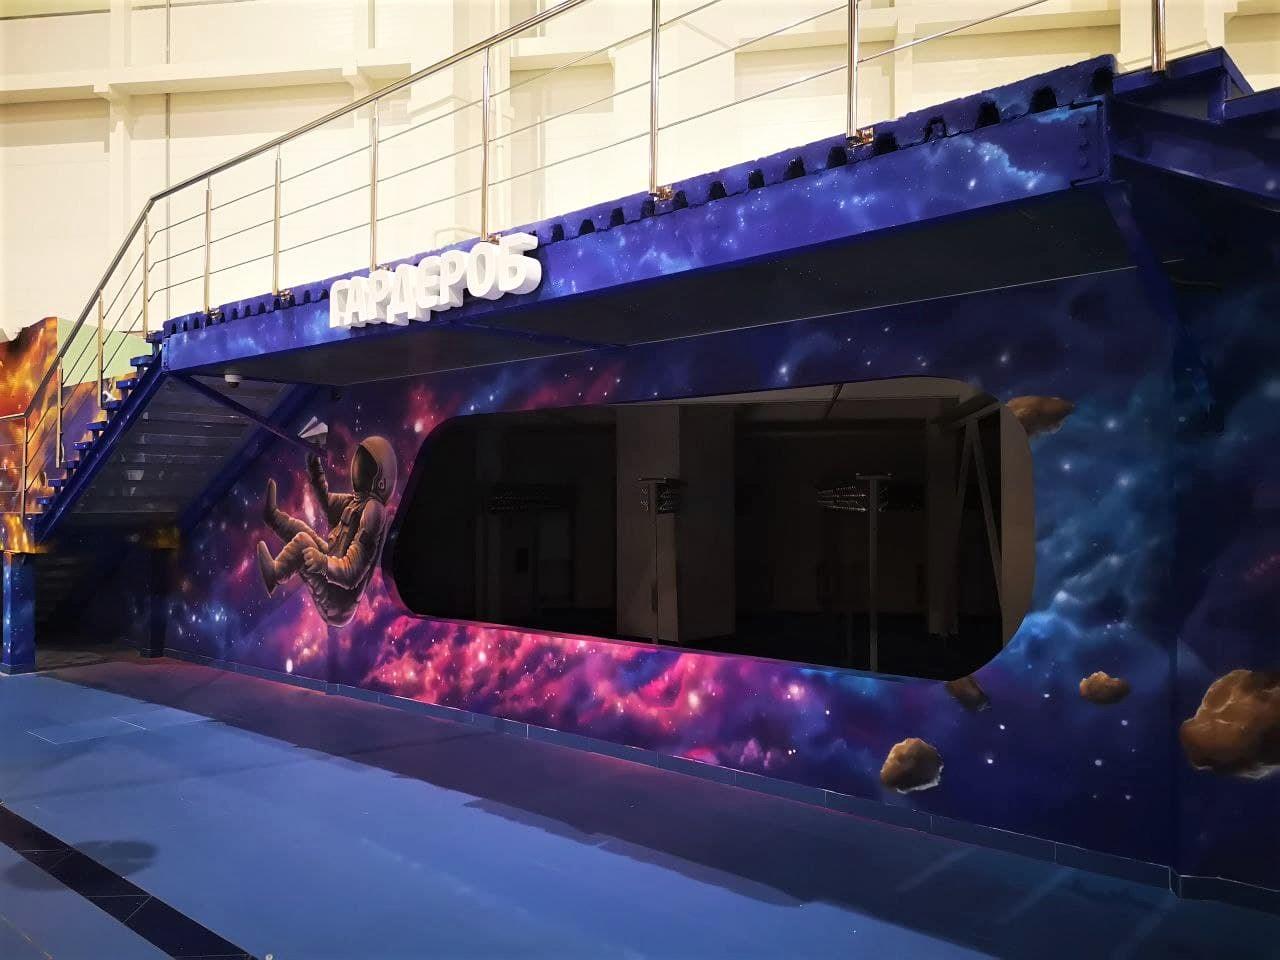 Роспись гардероба в cемейном парке развлечений Galaxy гардероб крупный план